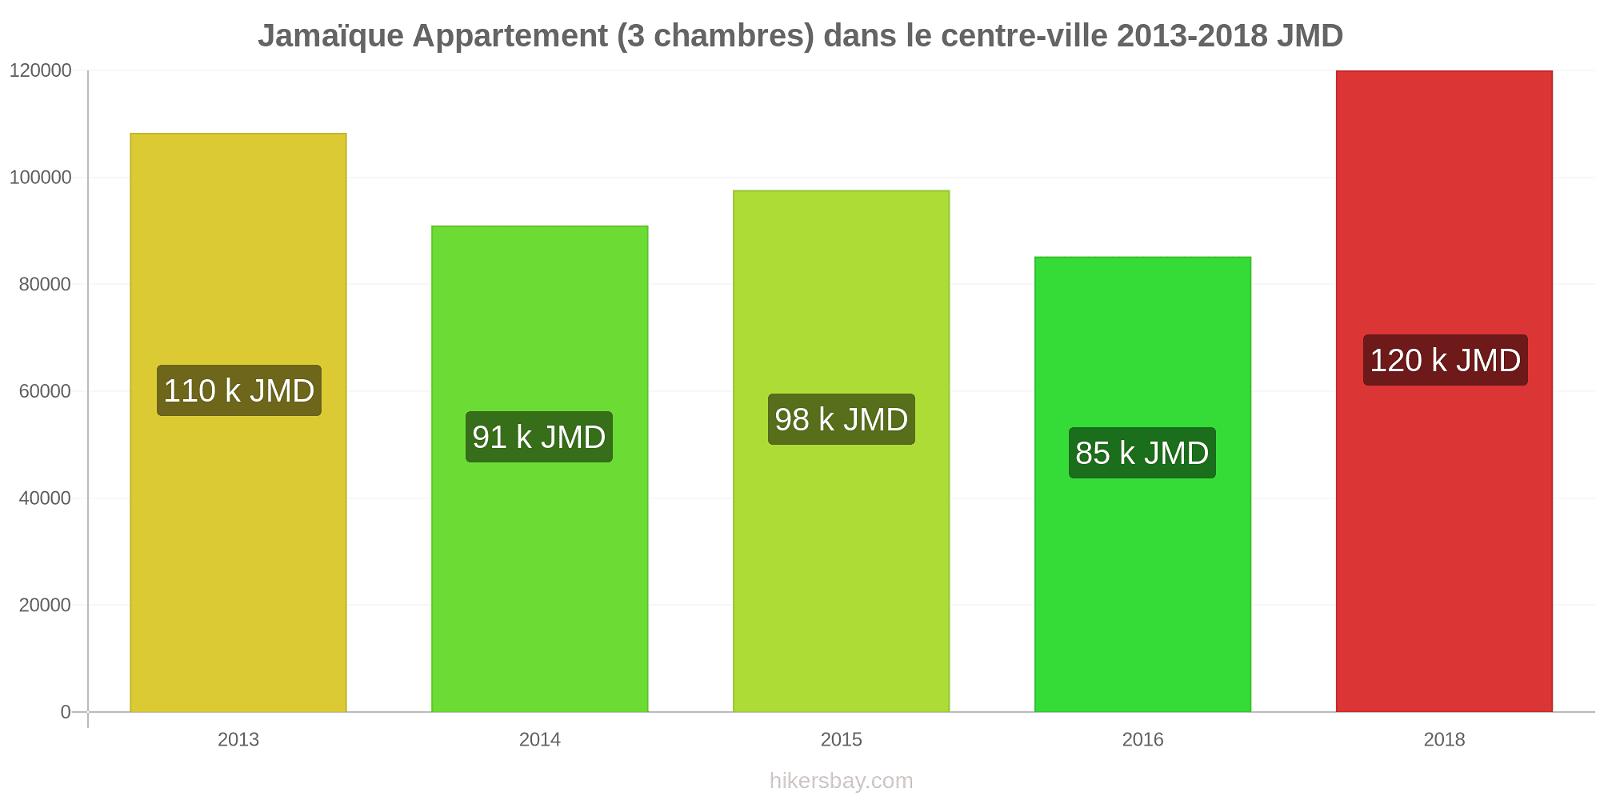 Jamaïque changements de prix Appartement (3 chambres) dans le centre-ville hikersbay.com